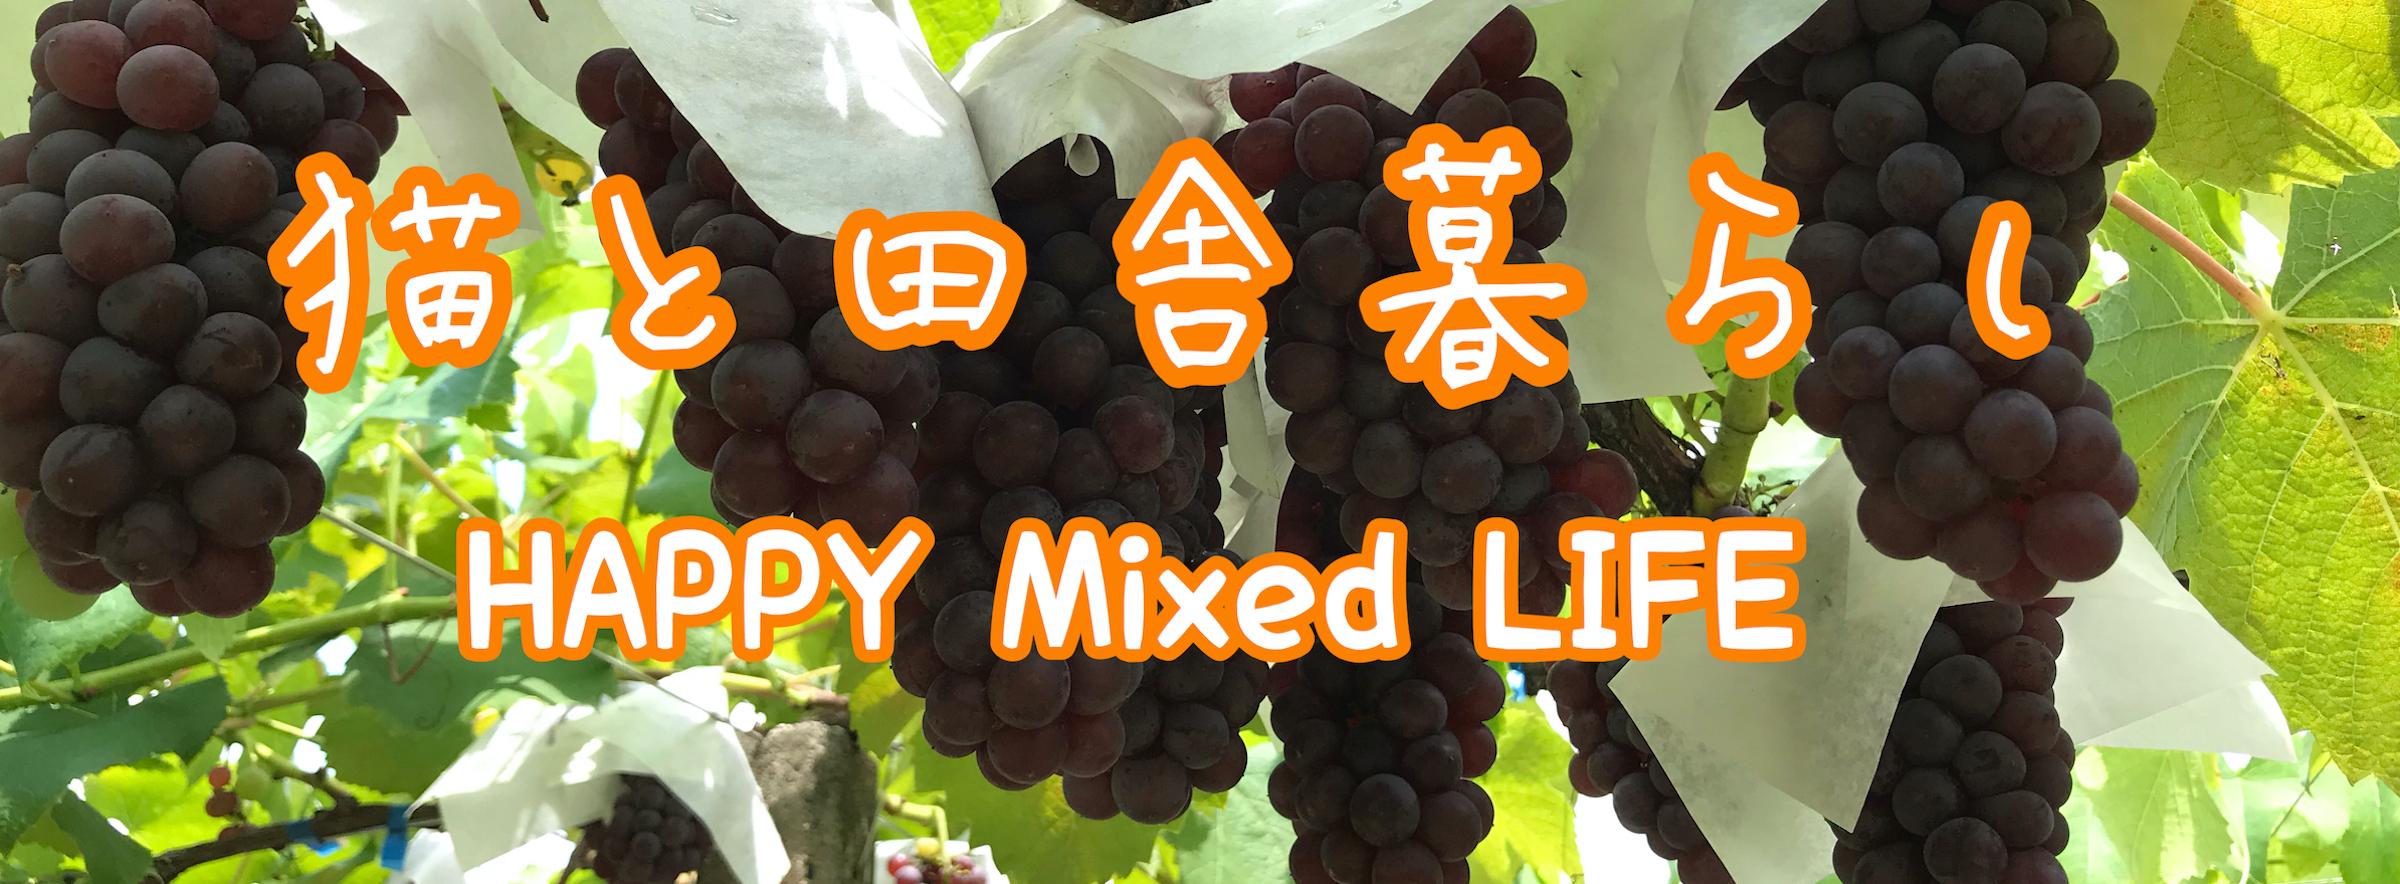 猫と田舎暮らし〜HAPPY Mixed LIFE〜